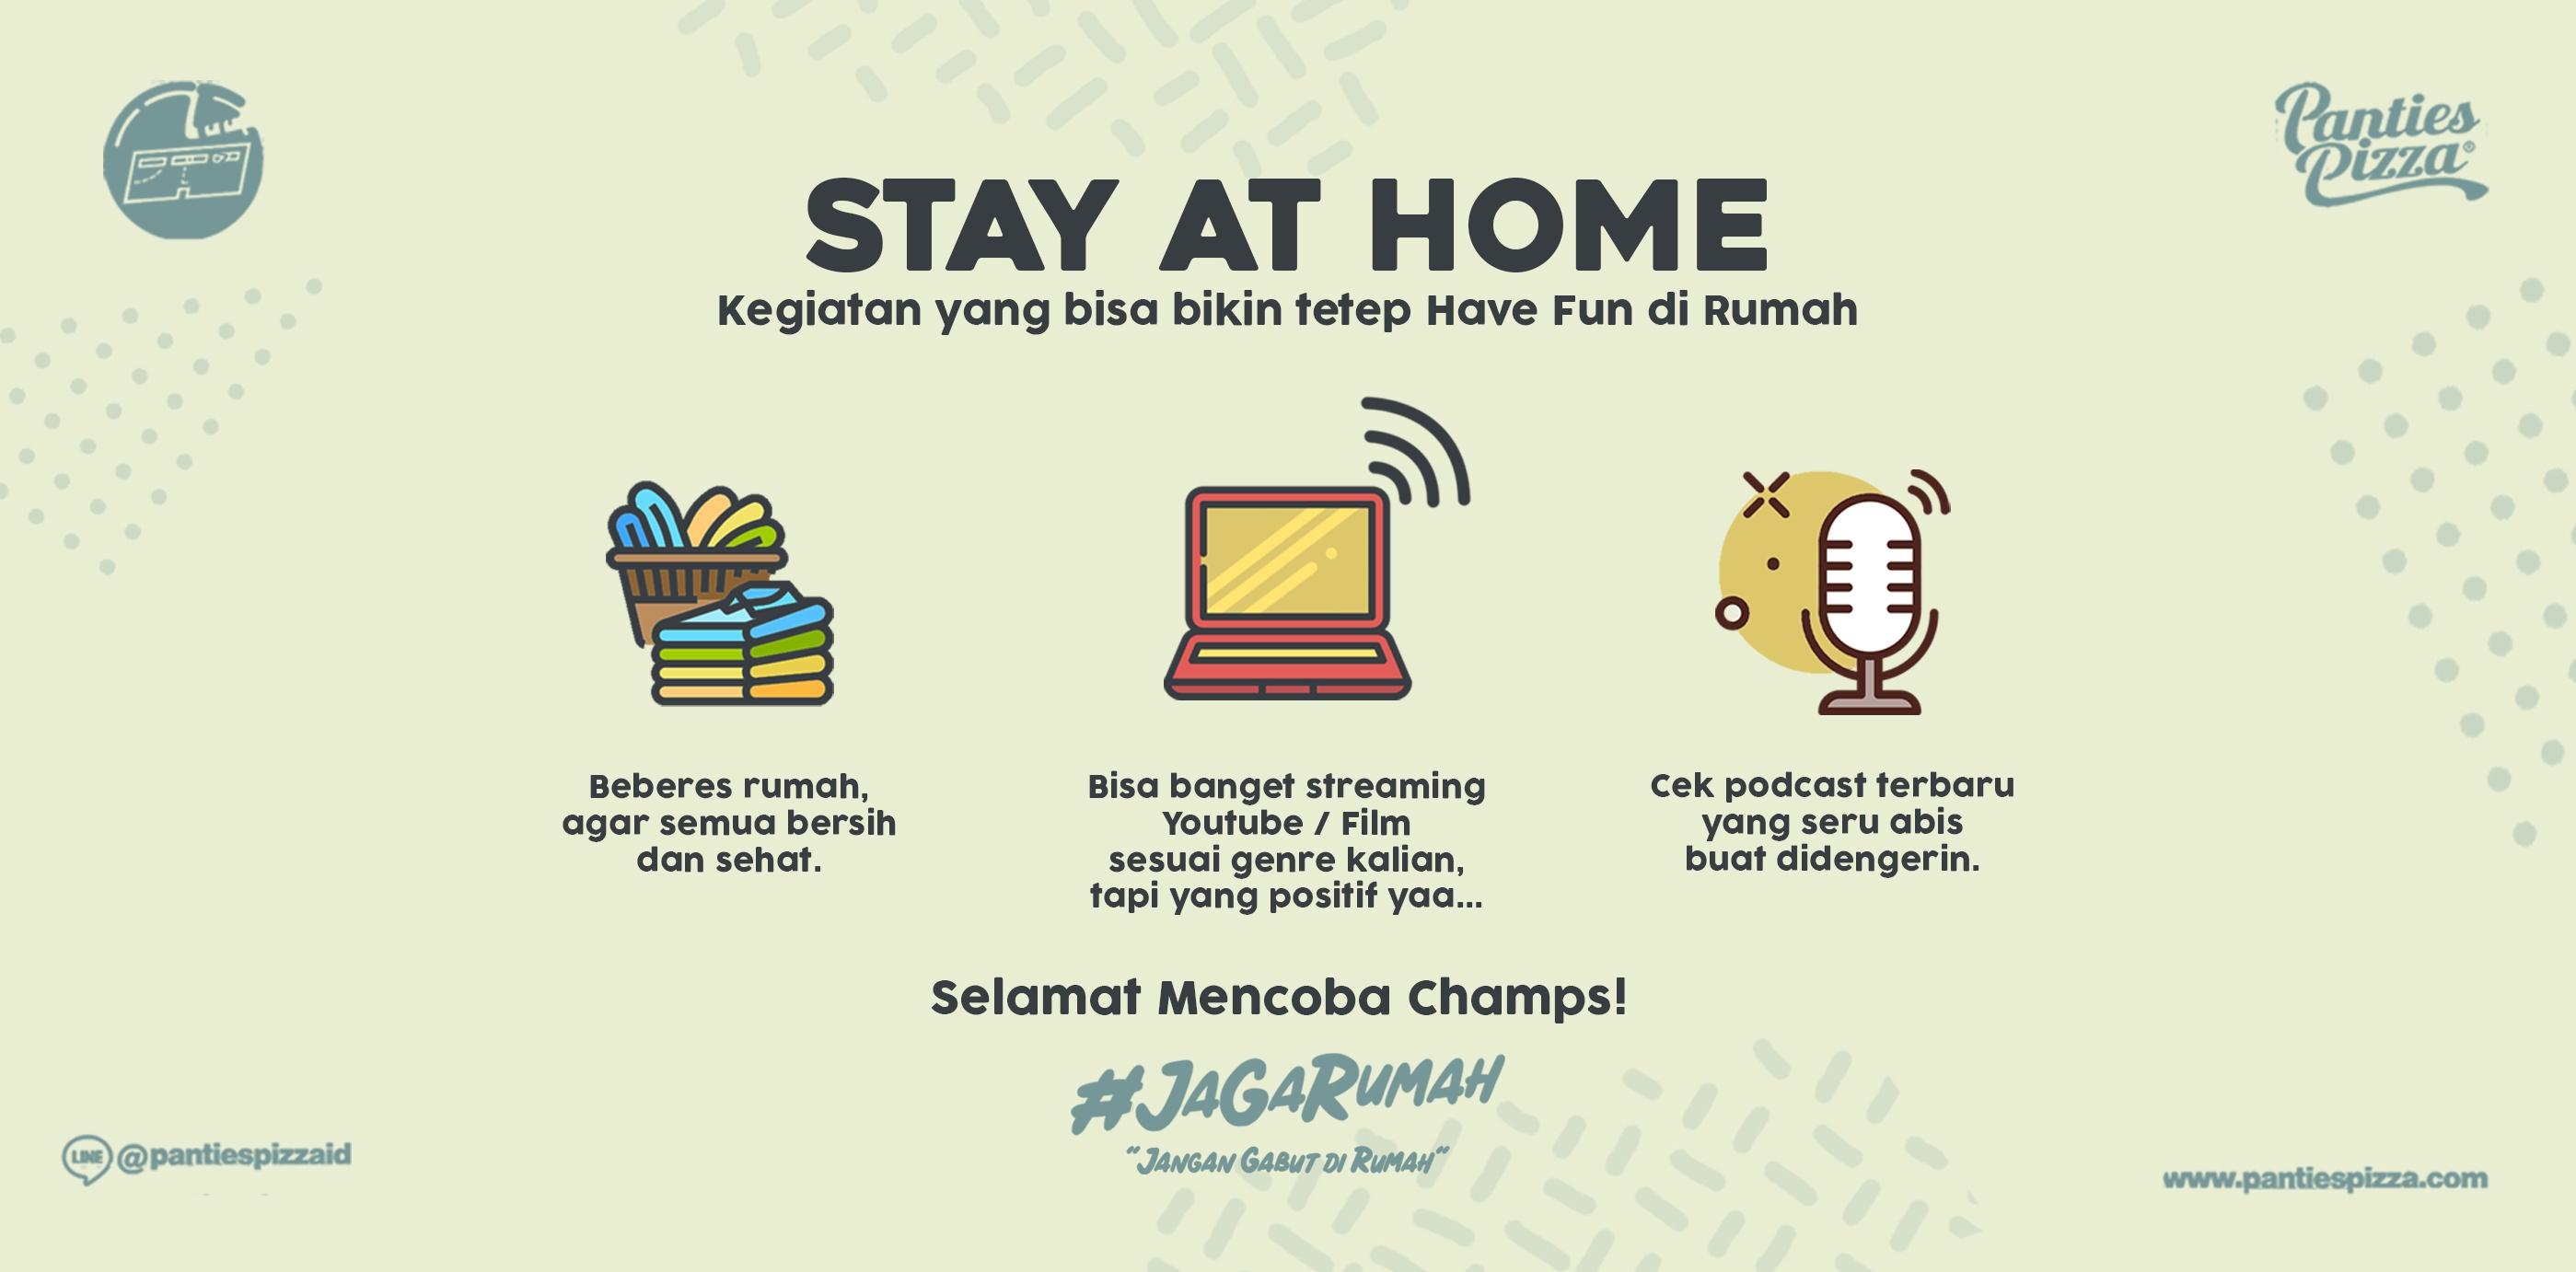 Stay At Home Kegiatan Dirumah Yang Bisa Dilakukan Jaga Rumah Kegiatan yang bisa dilakukan saat stay at home